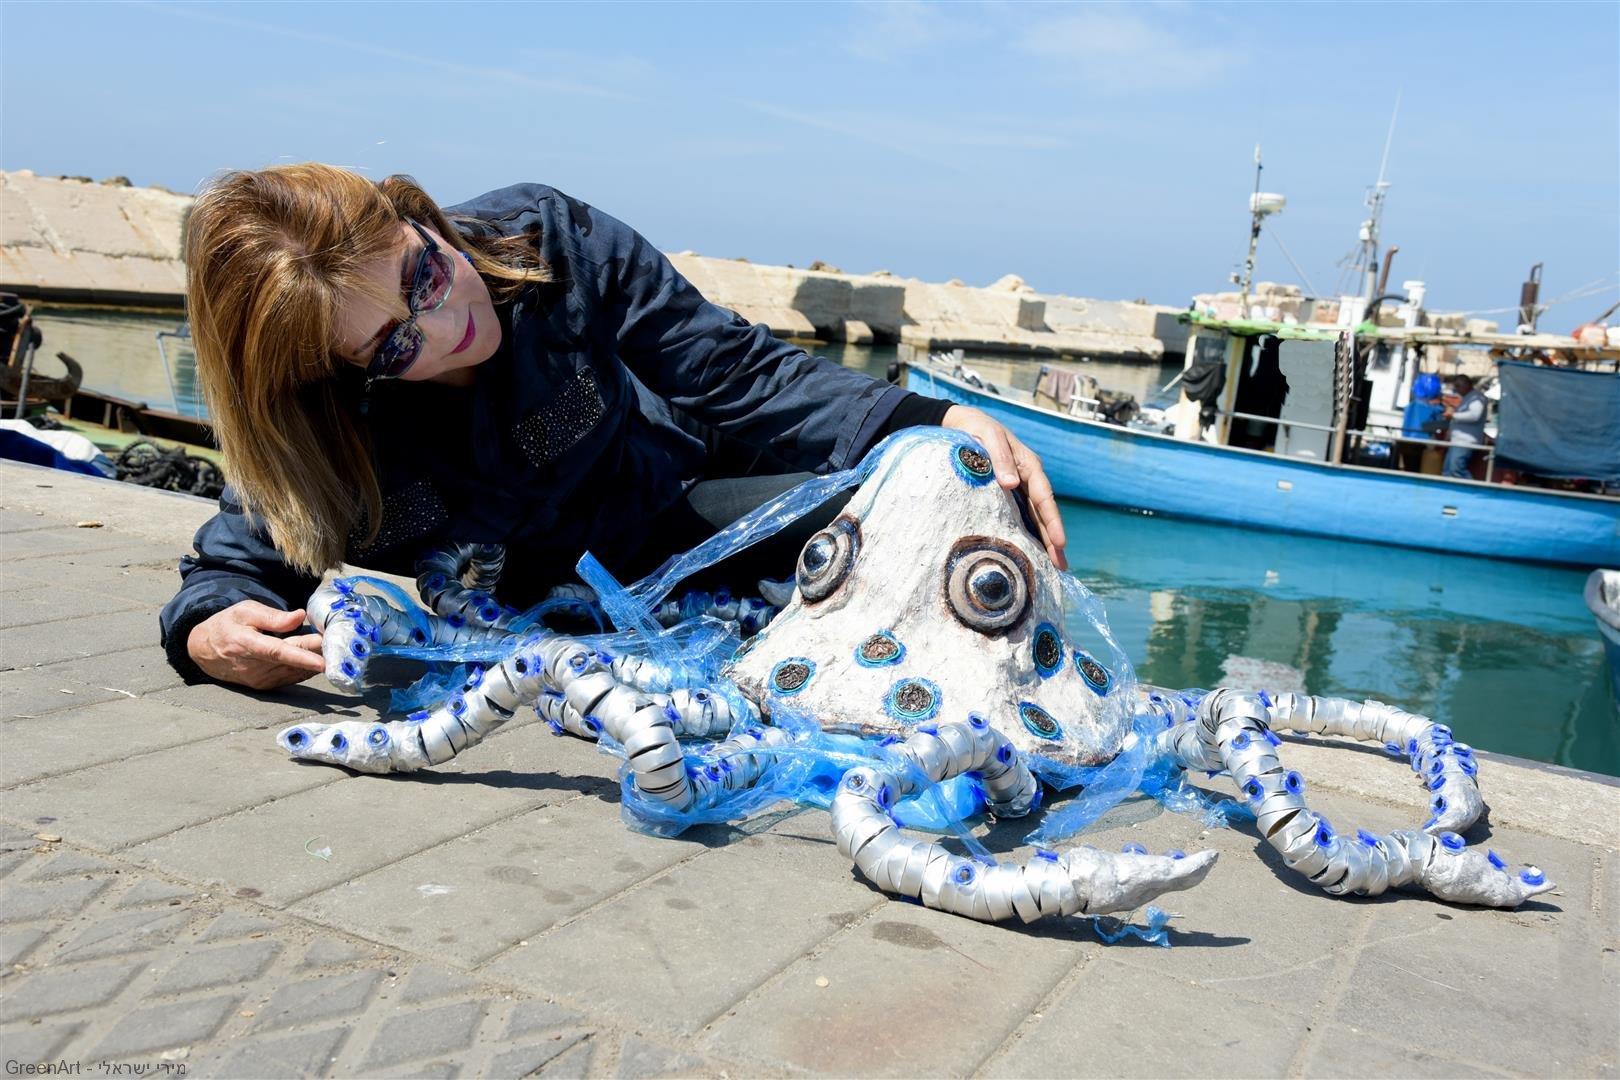 מפגינה אהבה לתמנון הפגוע קשות משקיות הניילון החונקות את גופו- אמנות אקולוגית מפסולת